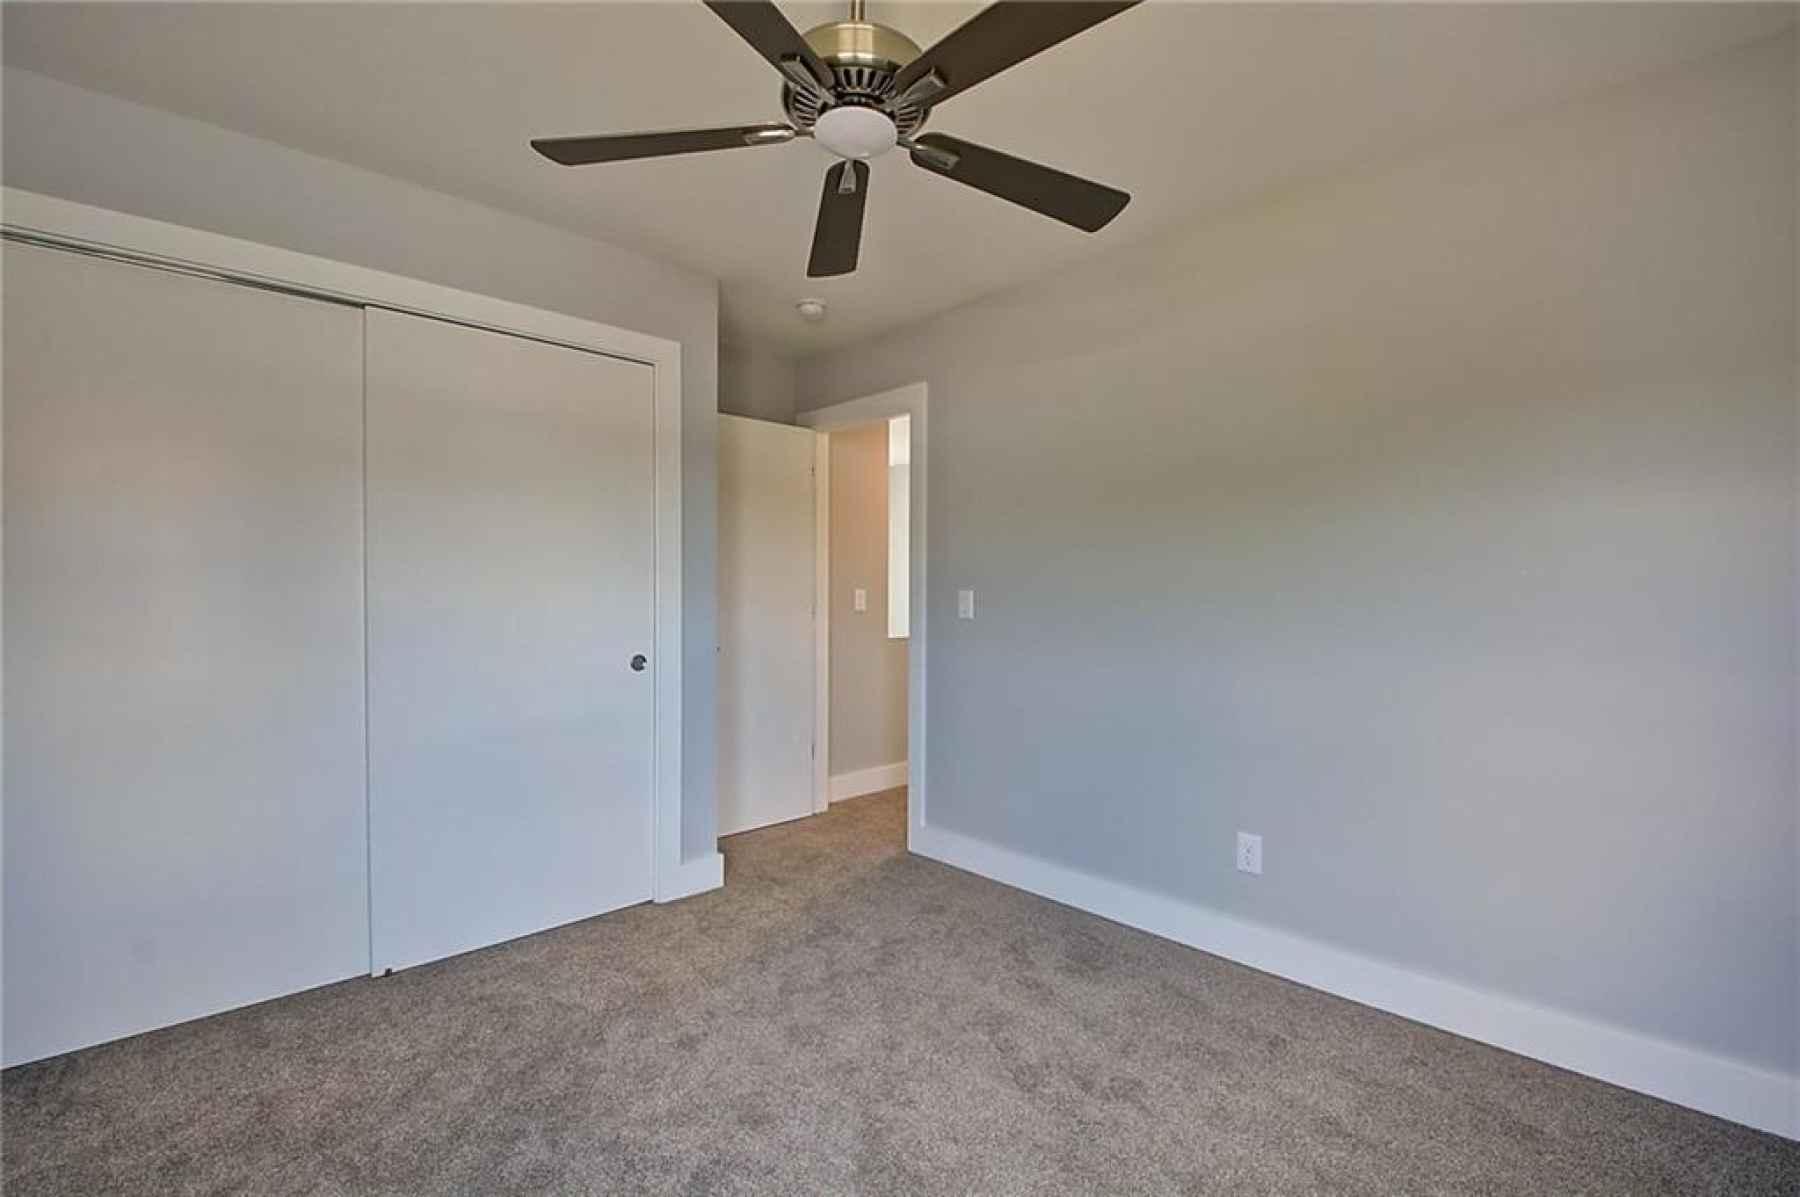 Second floor. Bedroom 3.